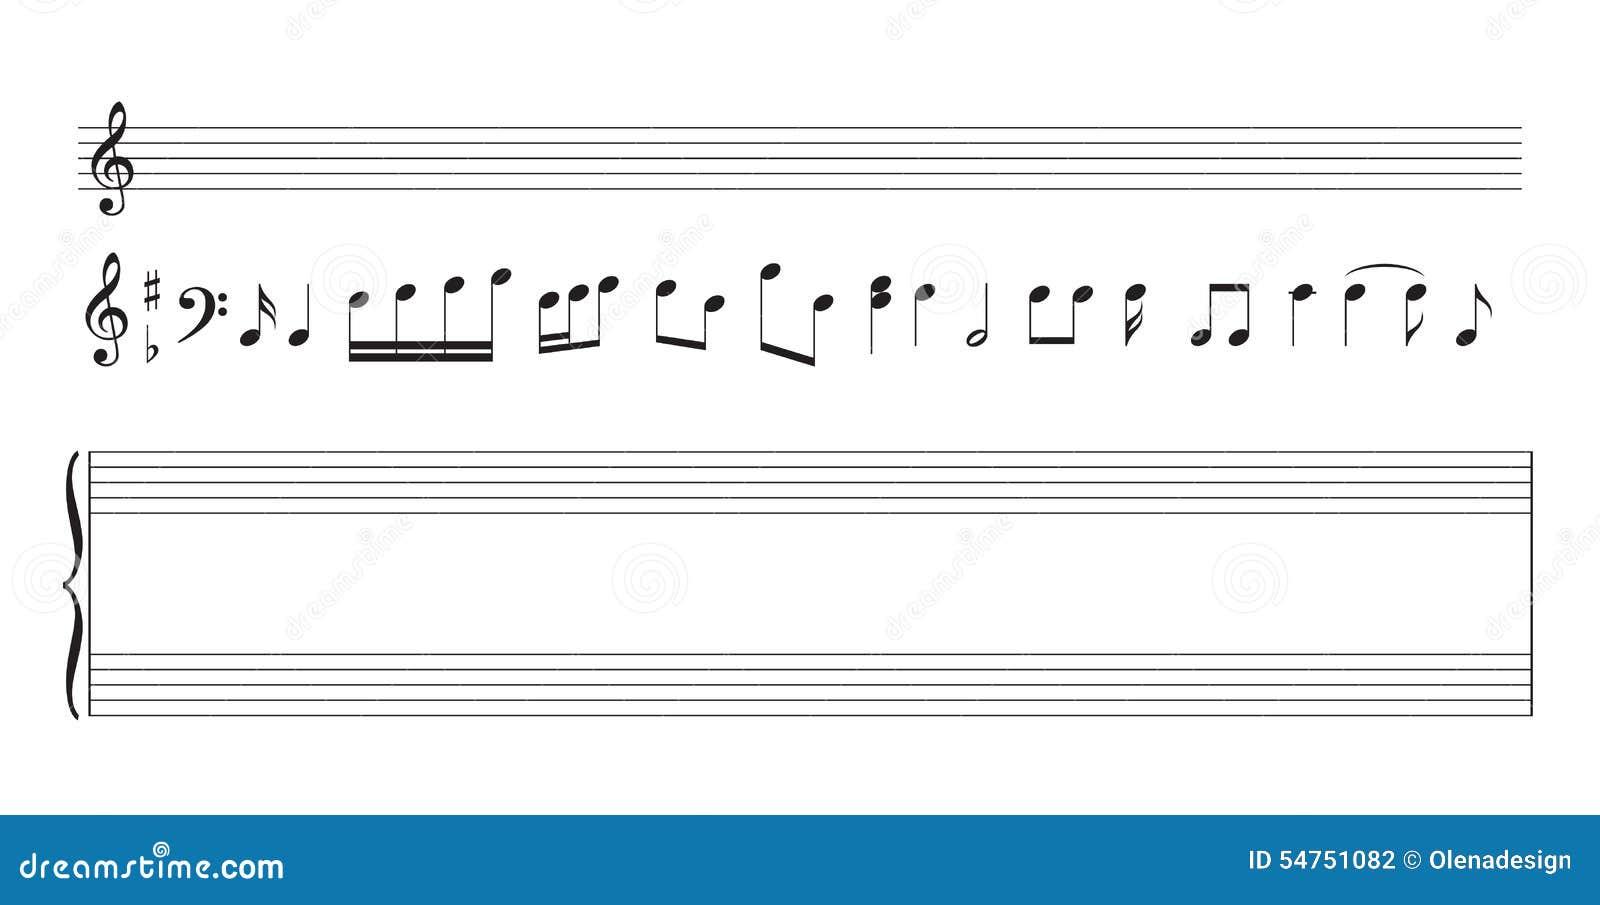 Note Modele De Personnel De Musique Pour L Impression